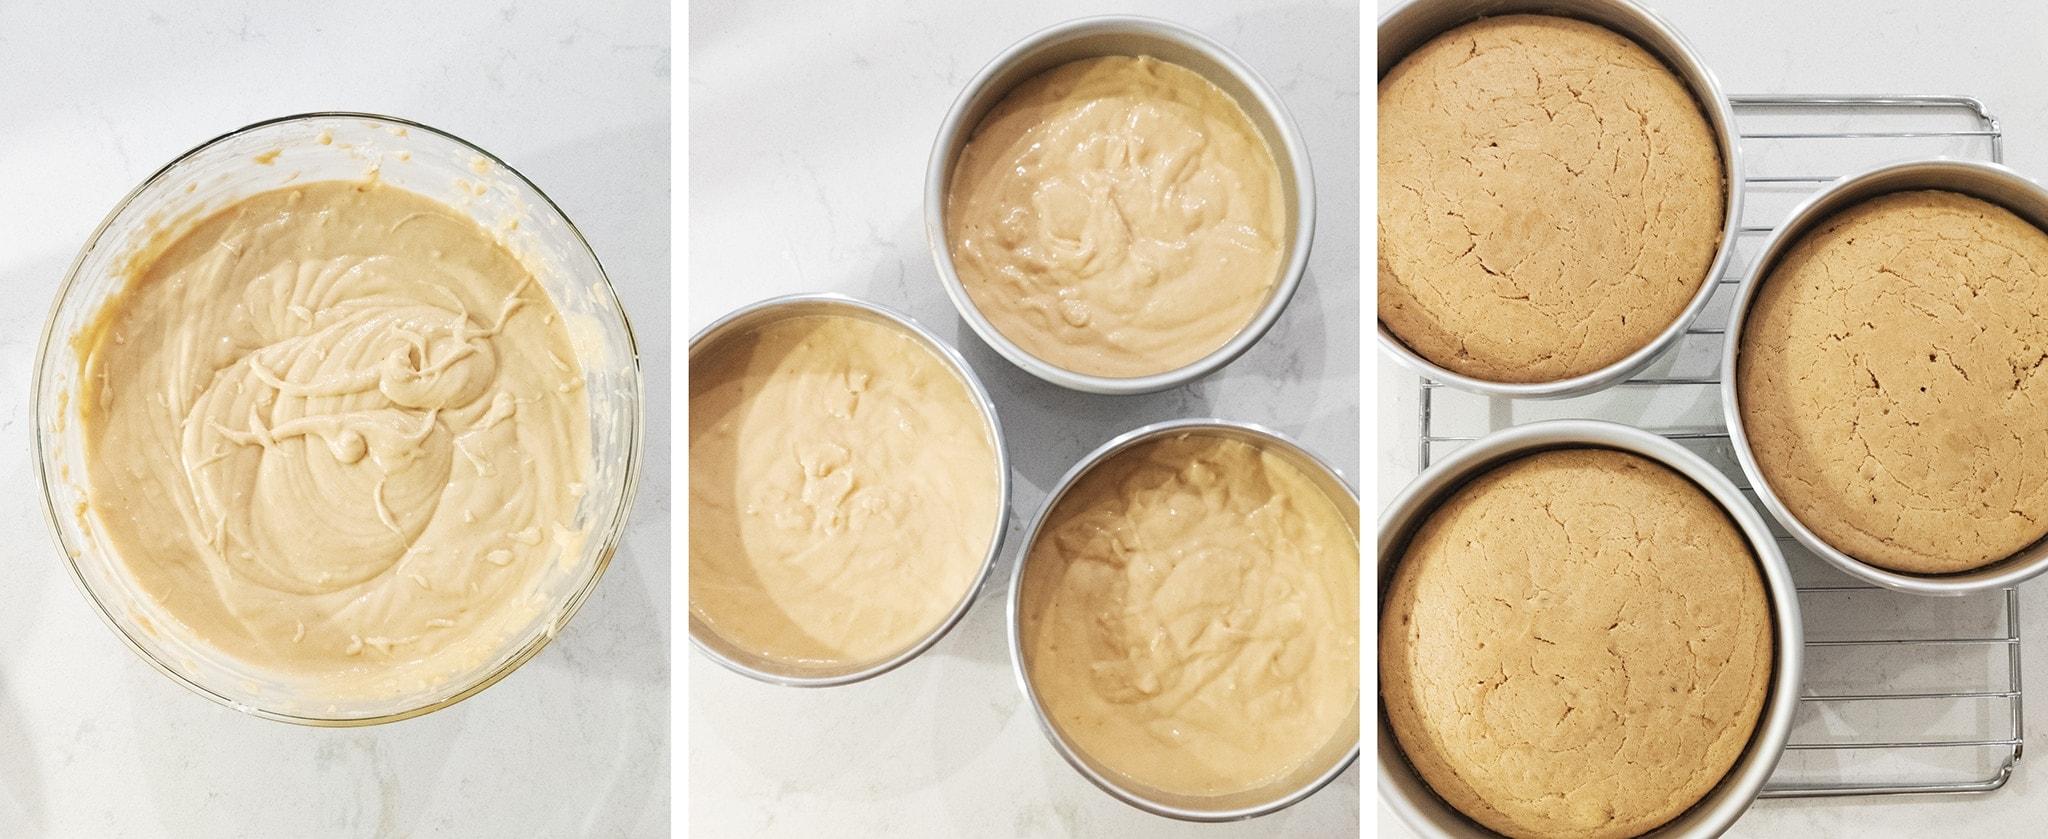 cake batter in three cake pans